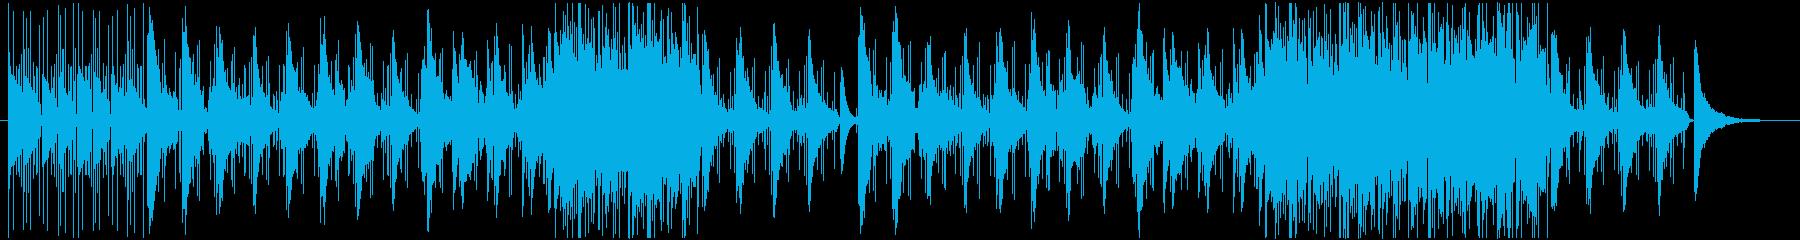 不思議な雰囲気のJazz-Popsの再生済みの波形